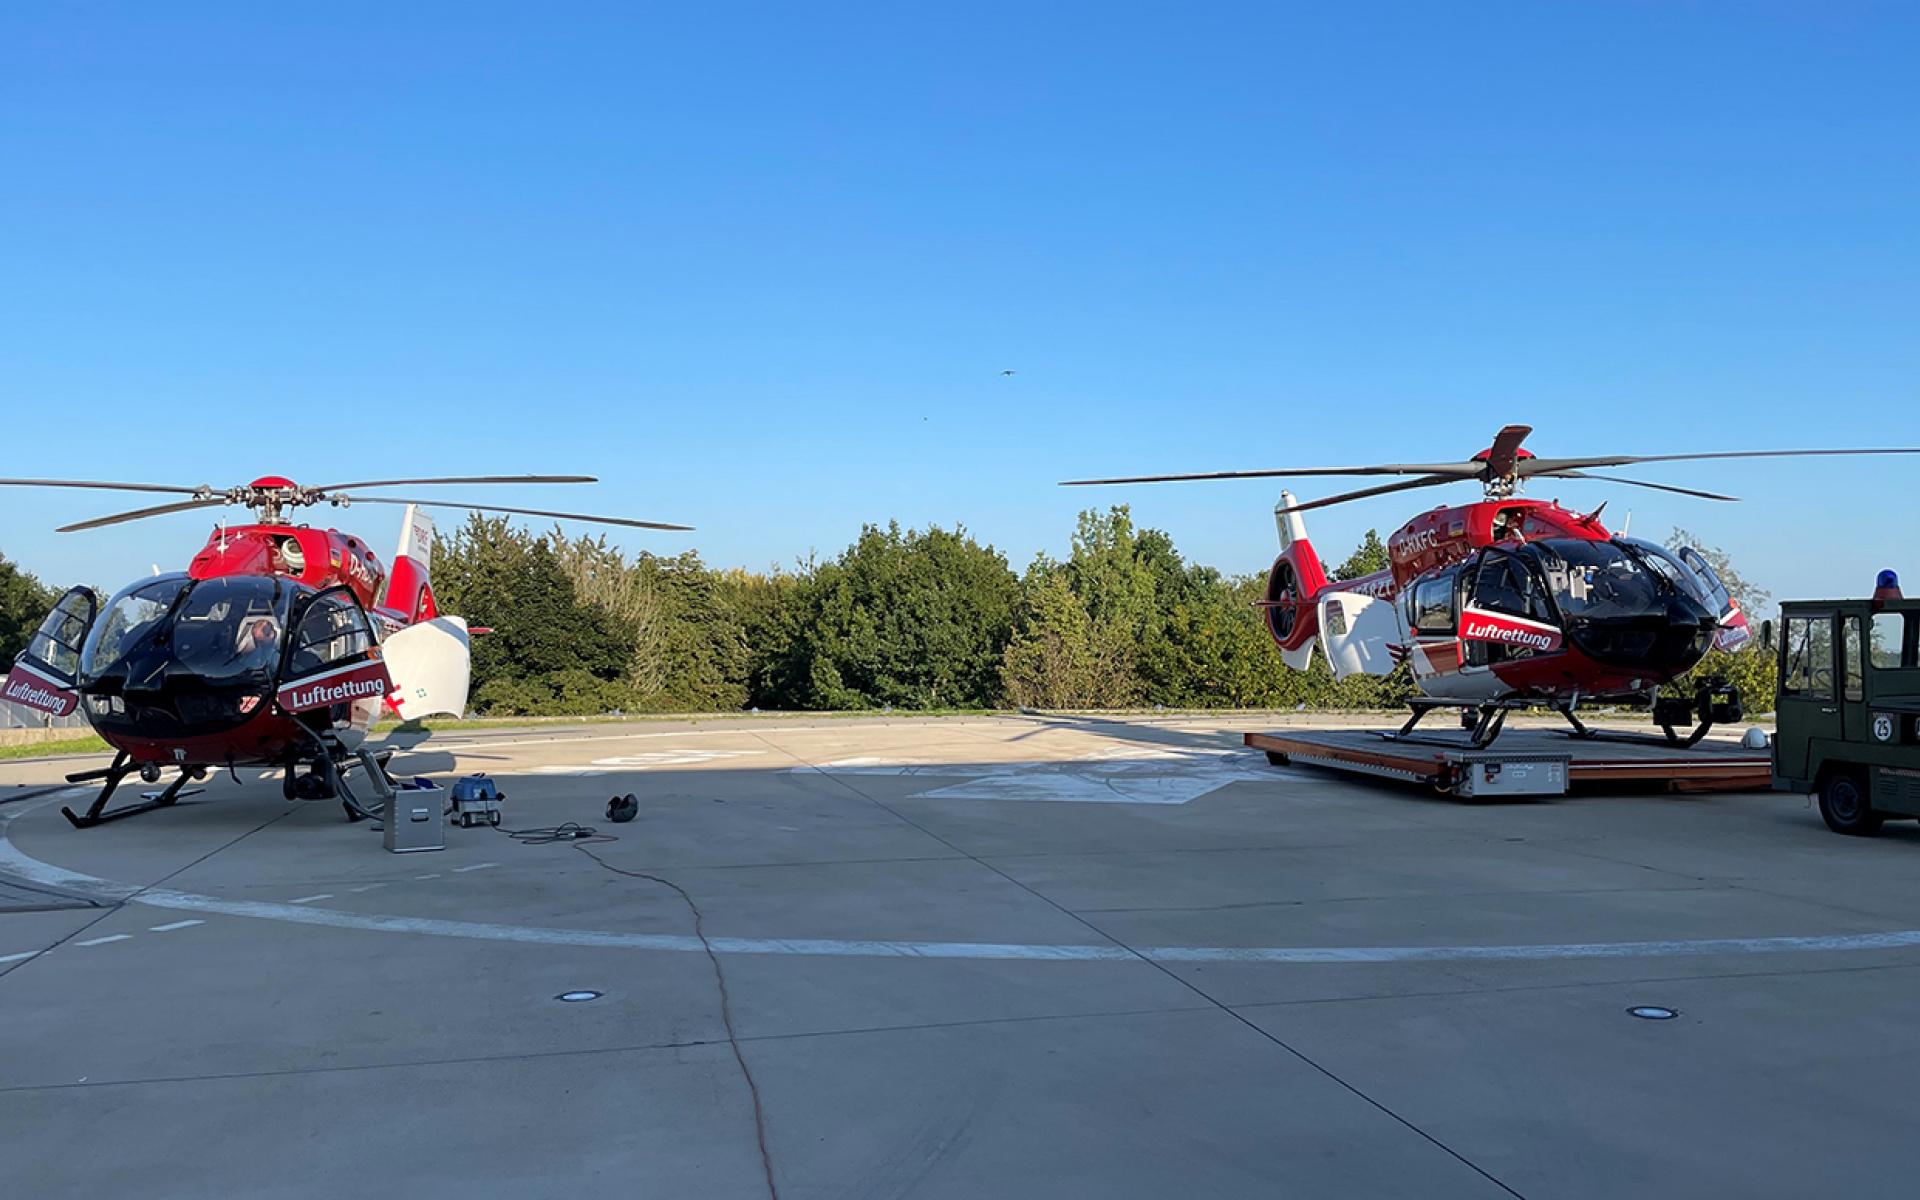 Der Flottenwechsel geht weiter: Seit dem Wochenende startet auch an der Station in Regensburg ein Hubschrauber des Typs H145 mit Fünfblattrotor. Er ist der vierte, den die DRF Luftrettung in Dienst gestellt hat. (Quelle: DRF Luftrettung)